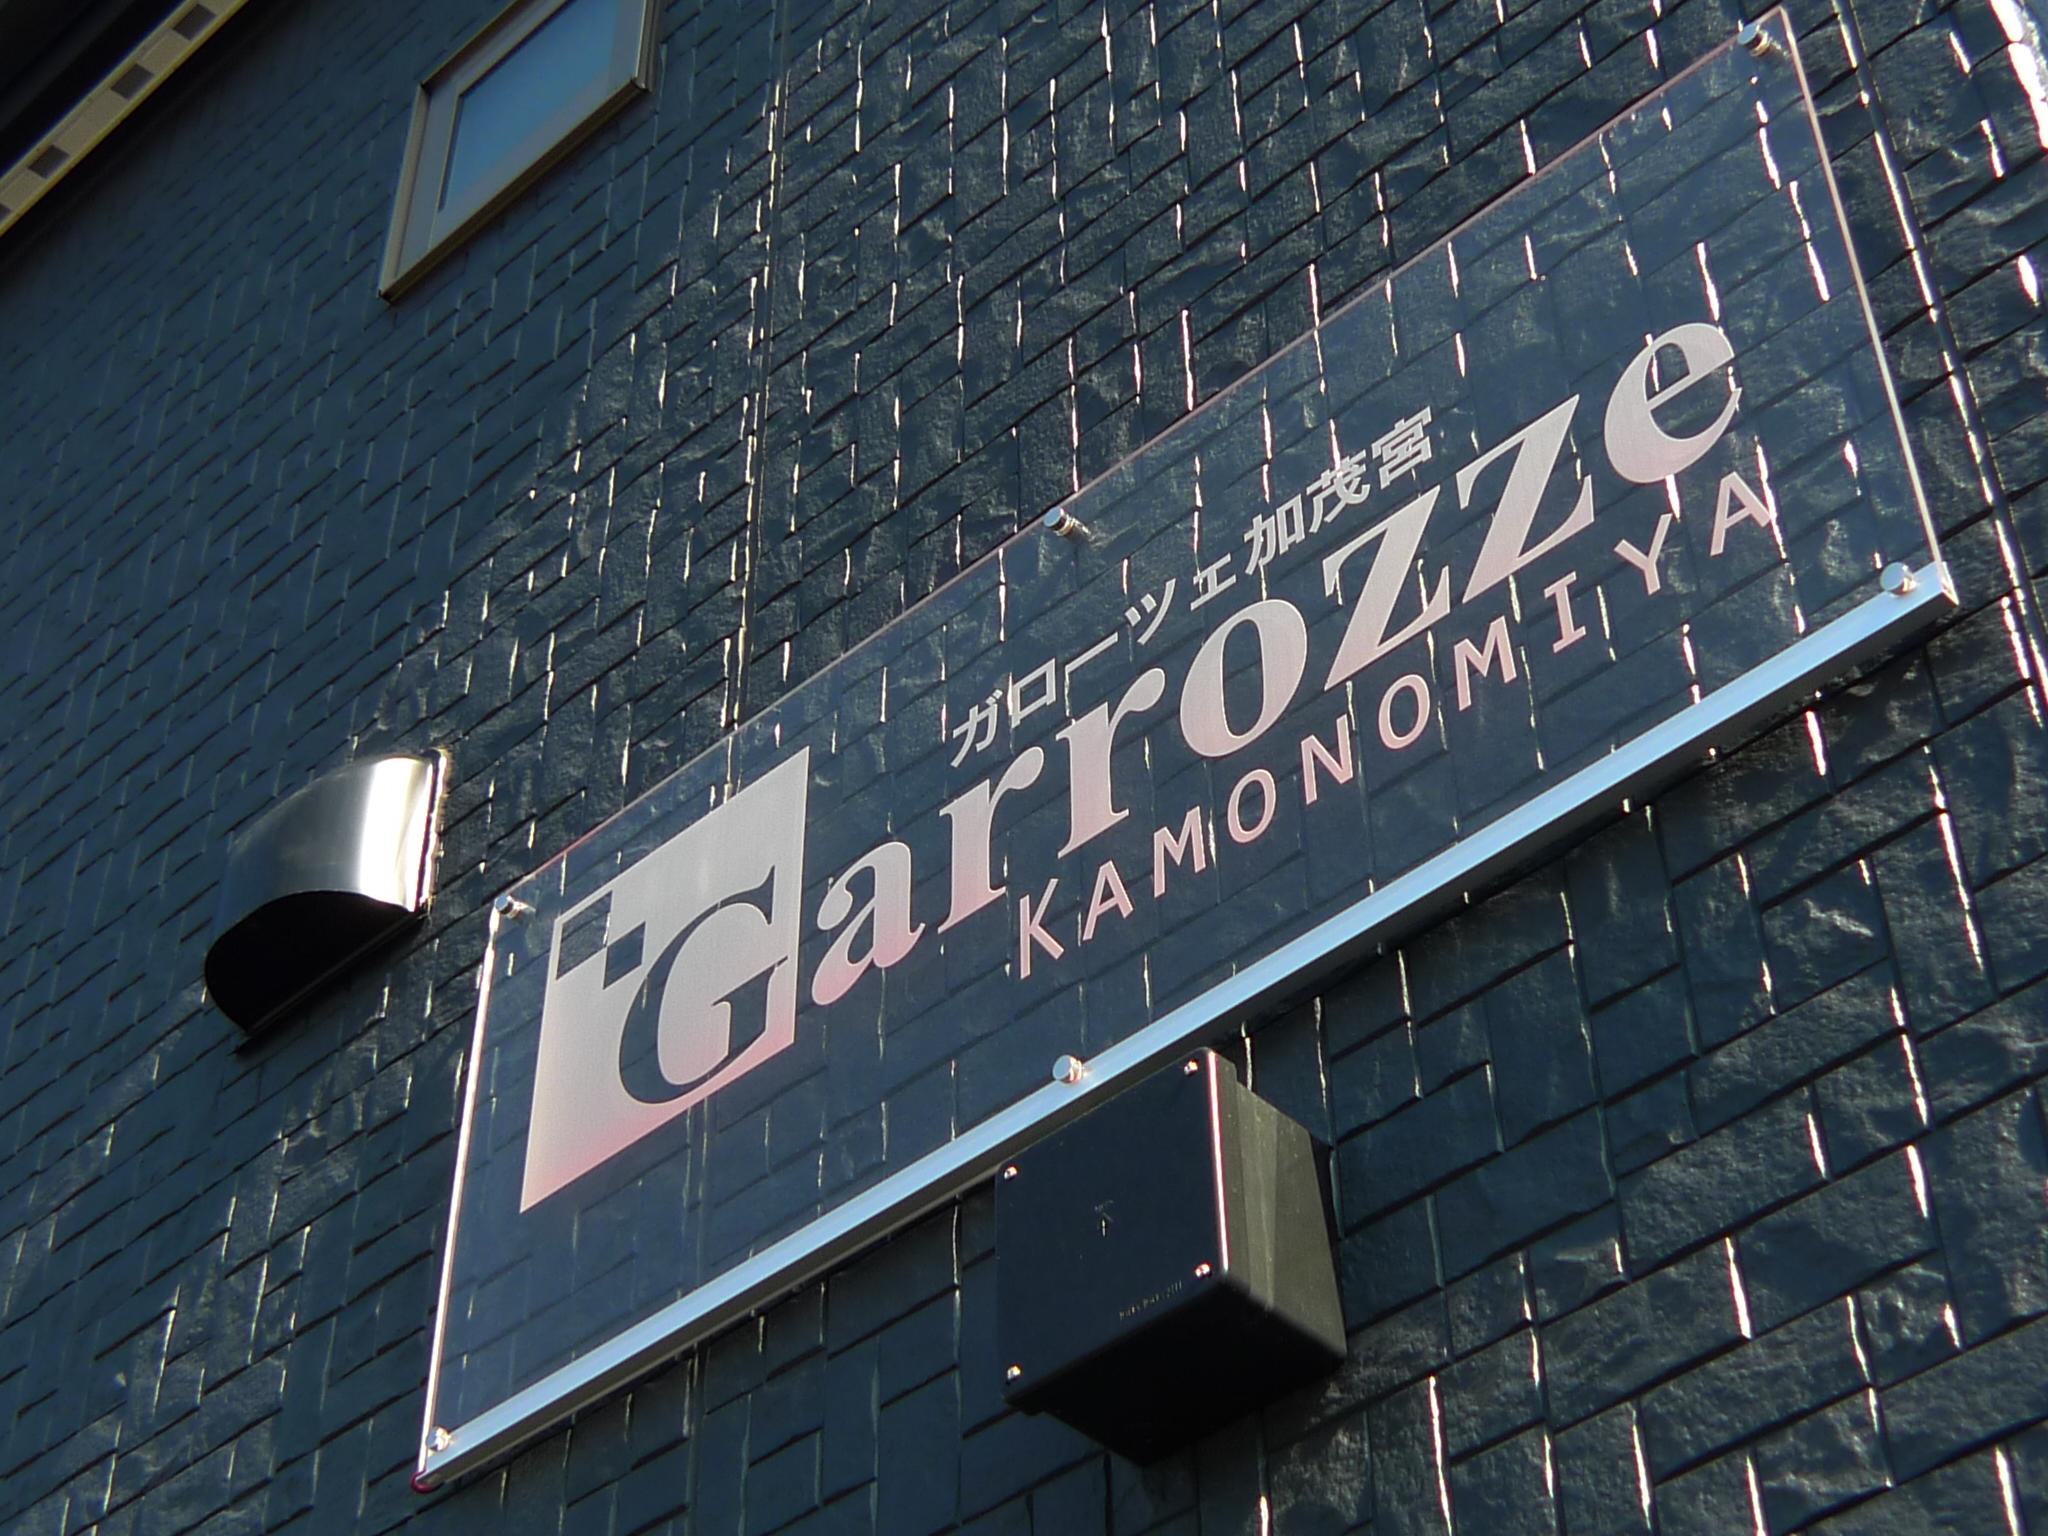 Garrozze.com